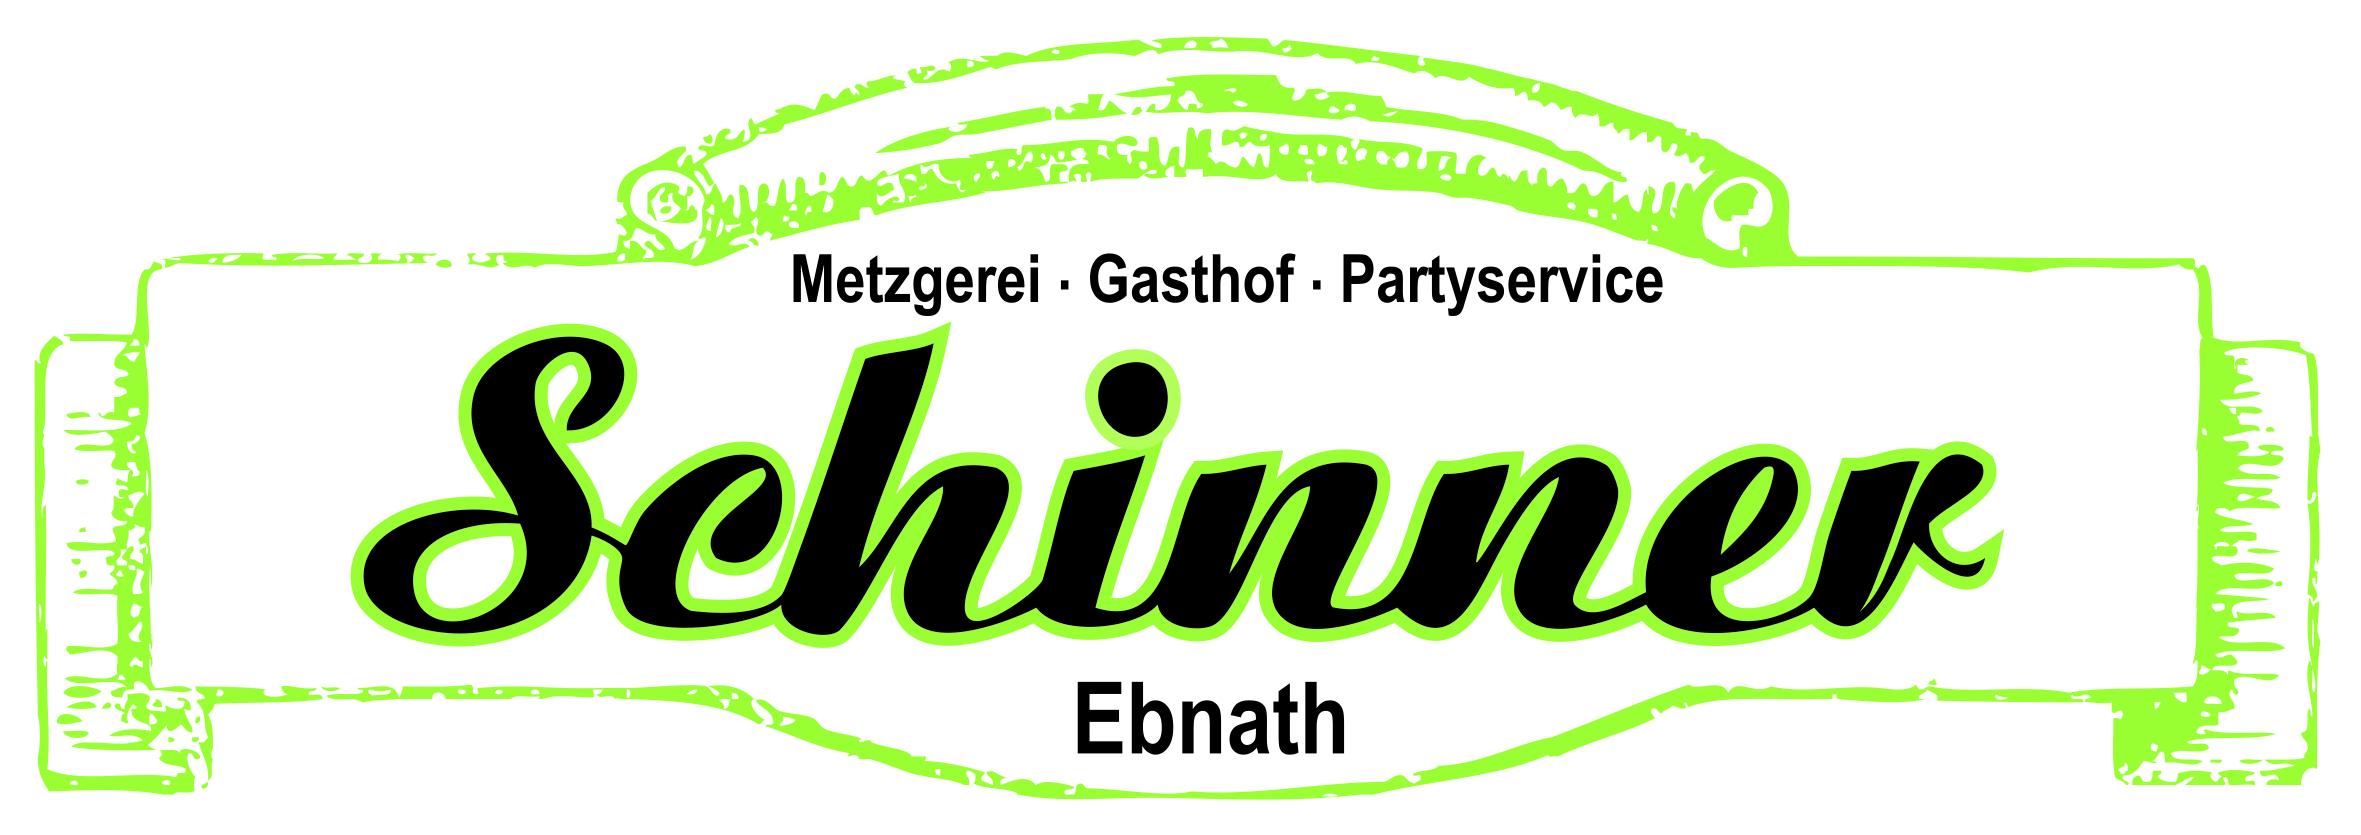 Gaststätte-Metzgerei-Partyservice Schinner